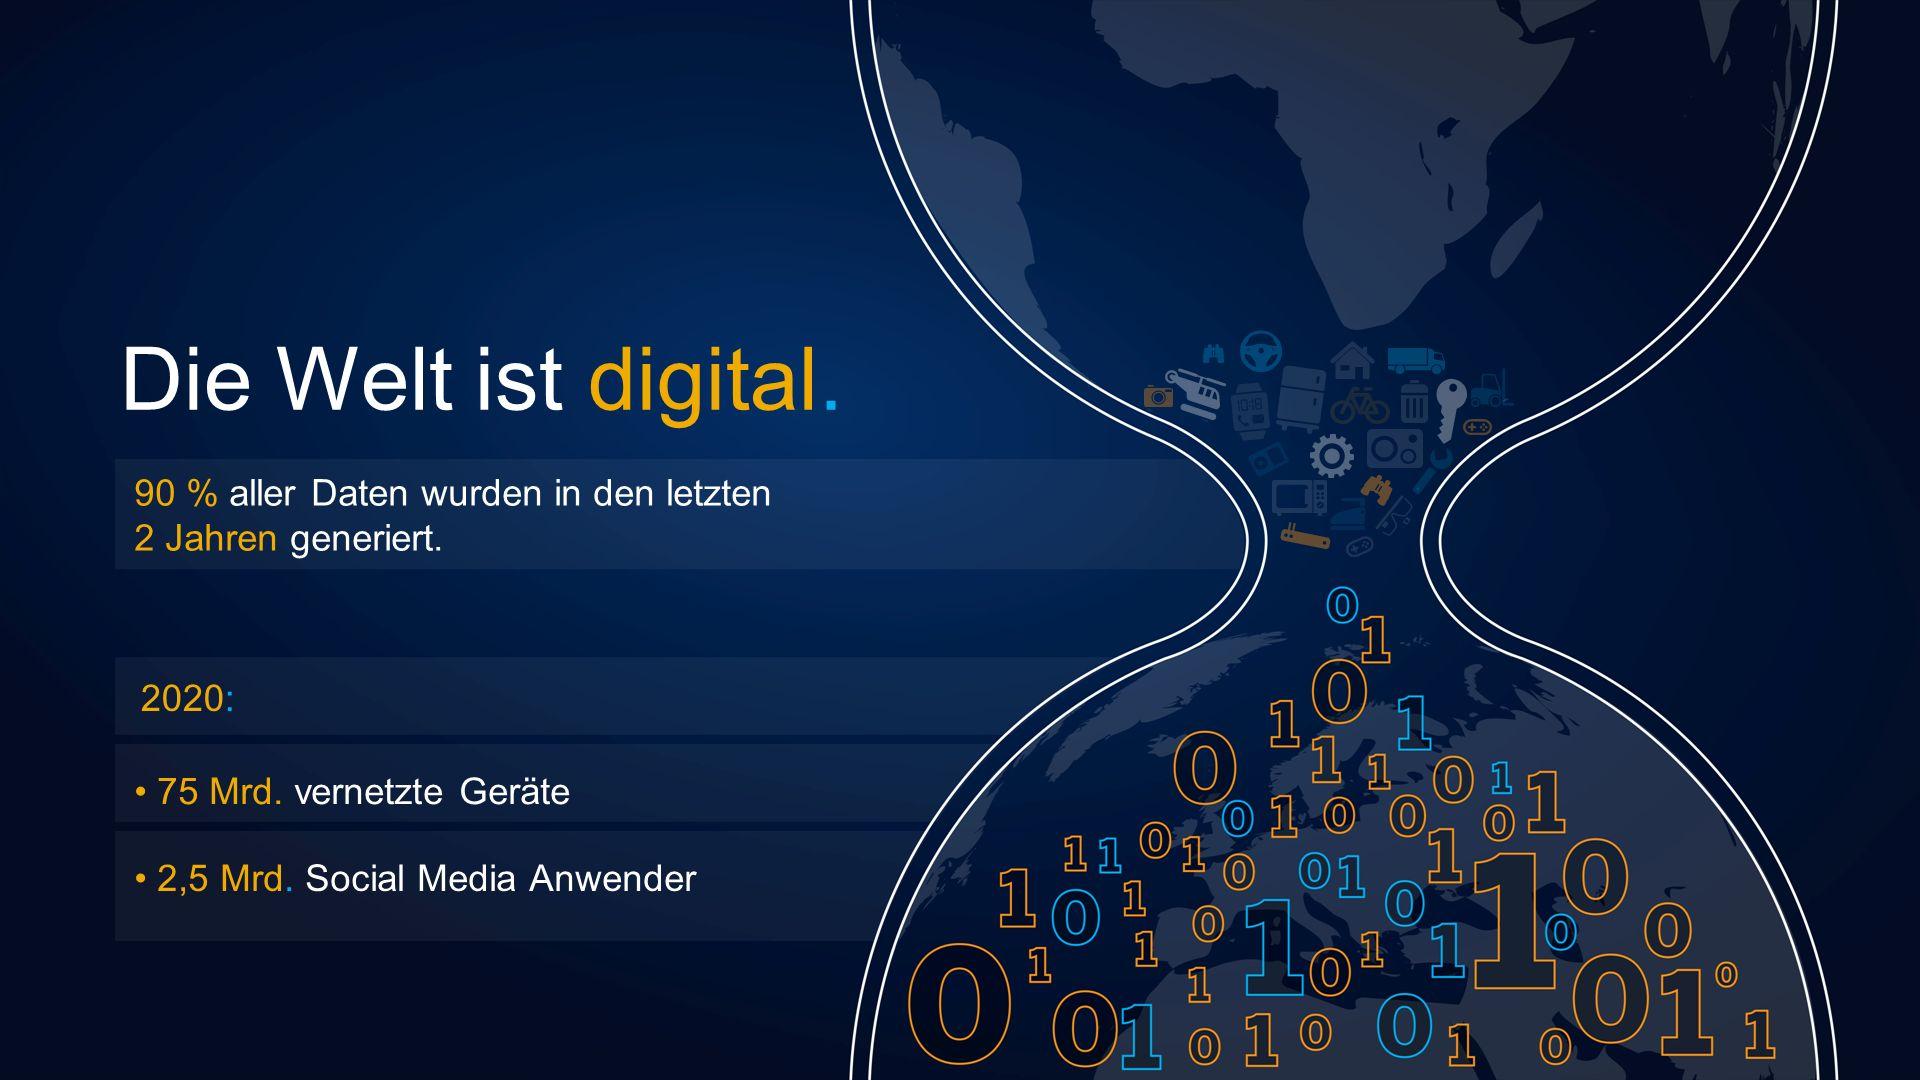 Die Welt ist digital. 2020: 90 % aller Daten wurden in den letzten 2 Jahren generiert. 75 Mrd. vernetzte Geräte 2,5 Mrd. Social Media Anwender